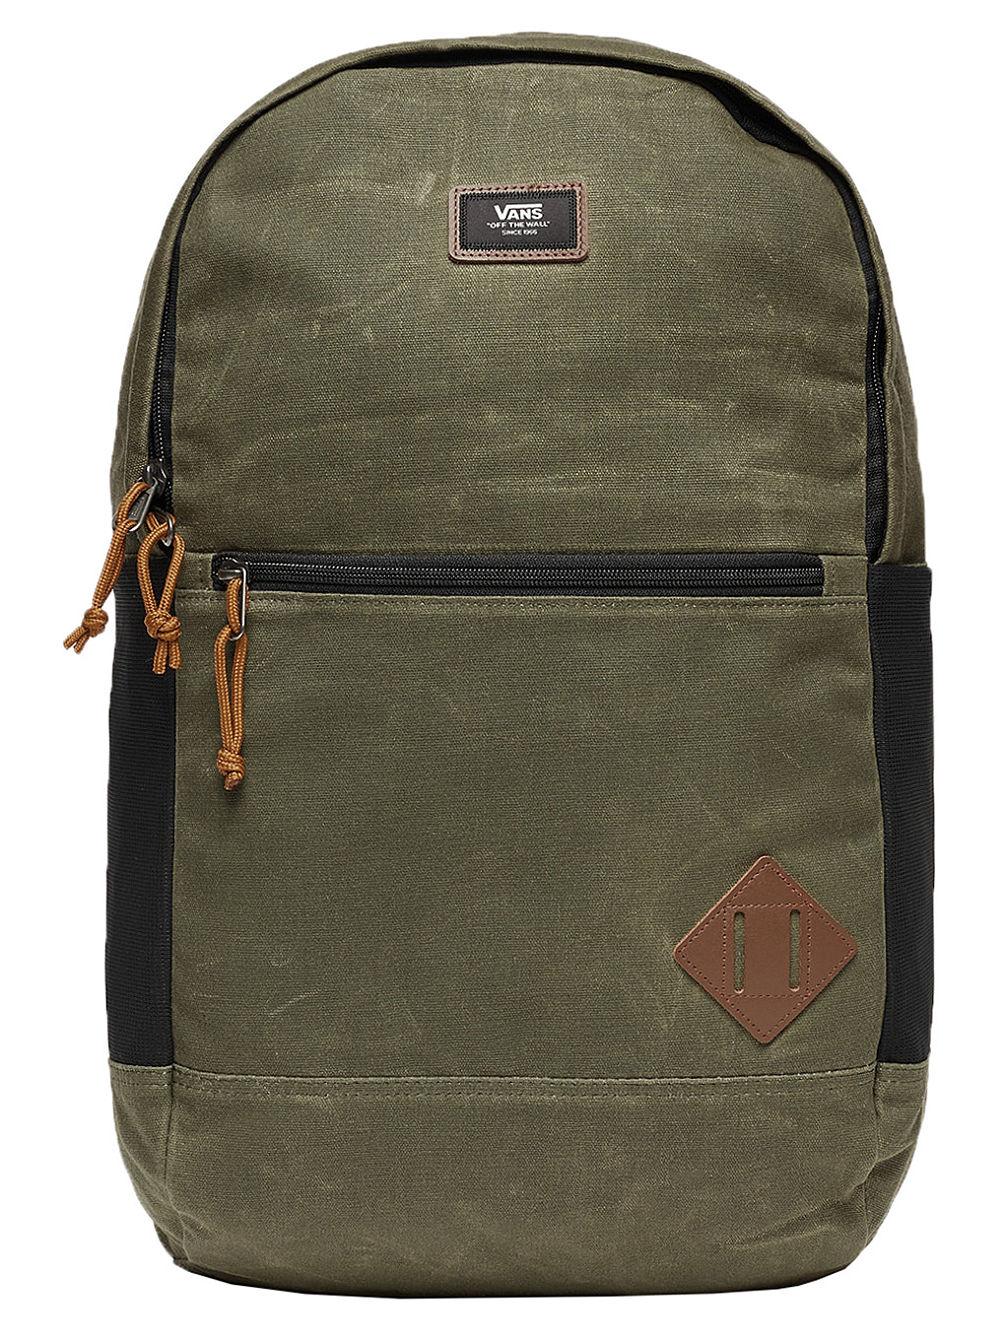 a719f189ba Buy Vans Van Doren III Backpack online at Blue Tomato